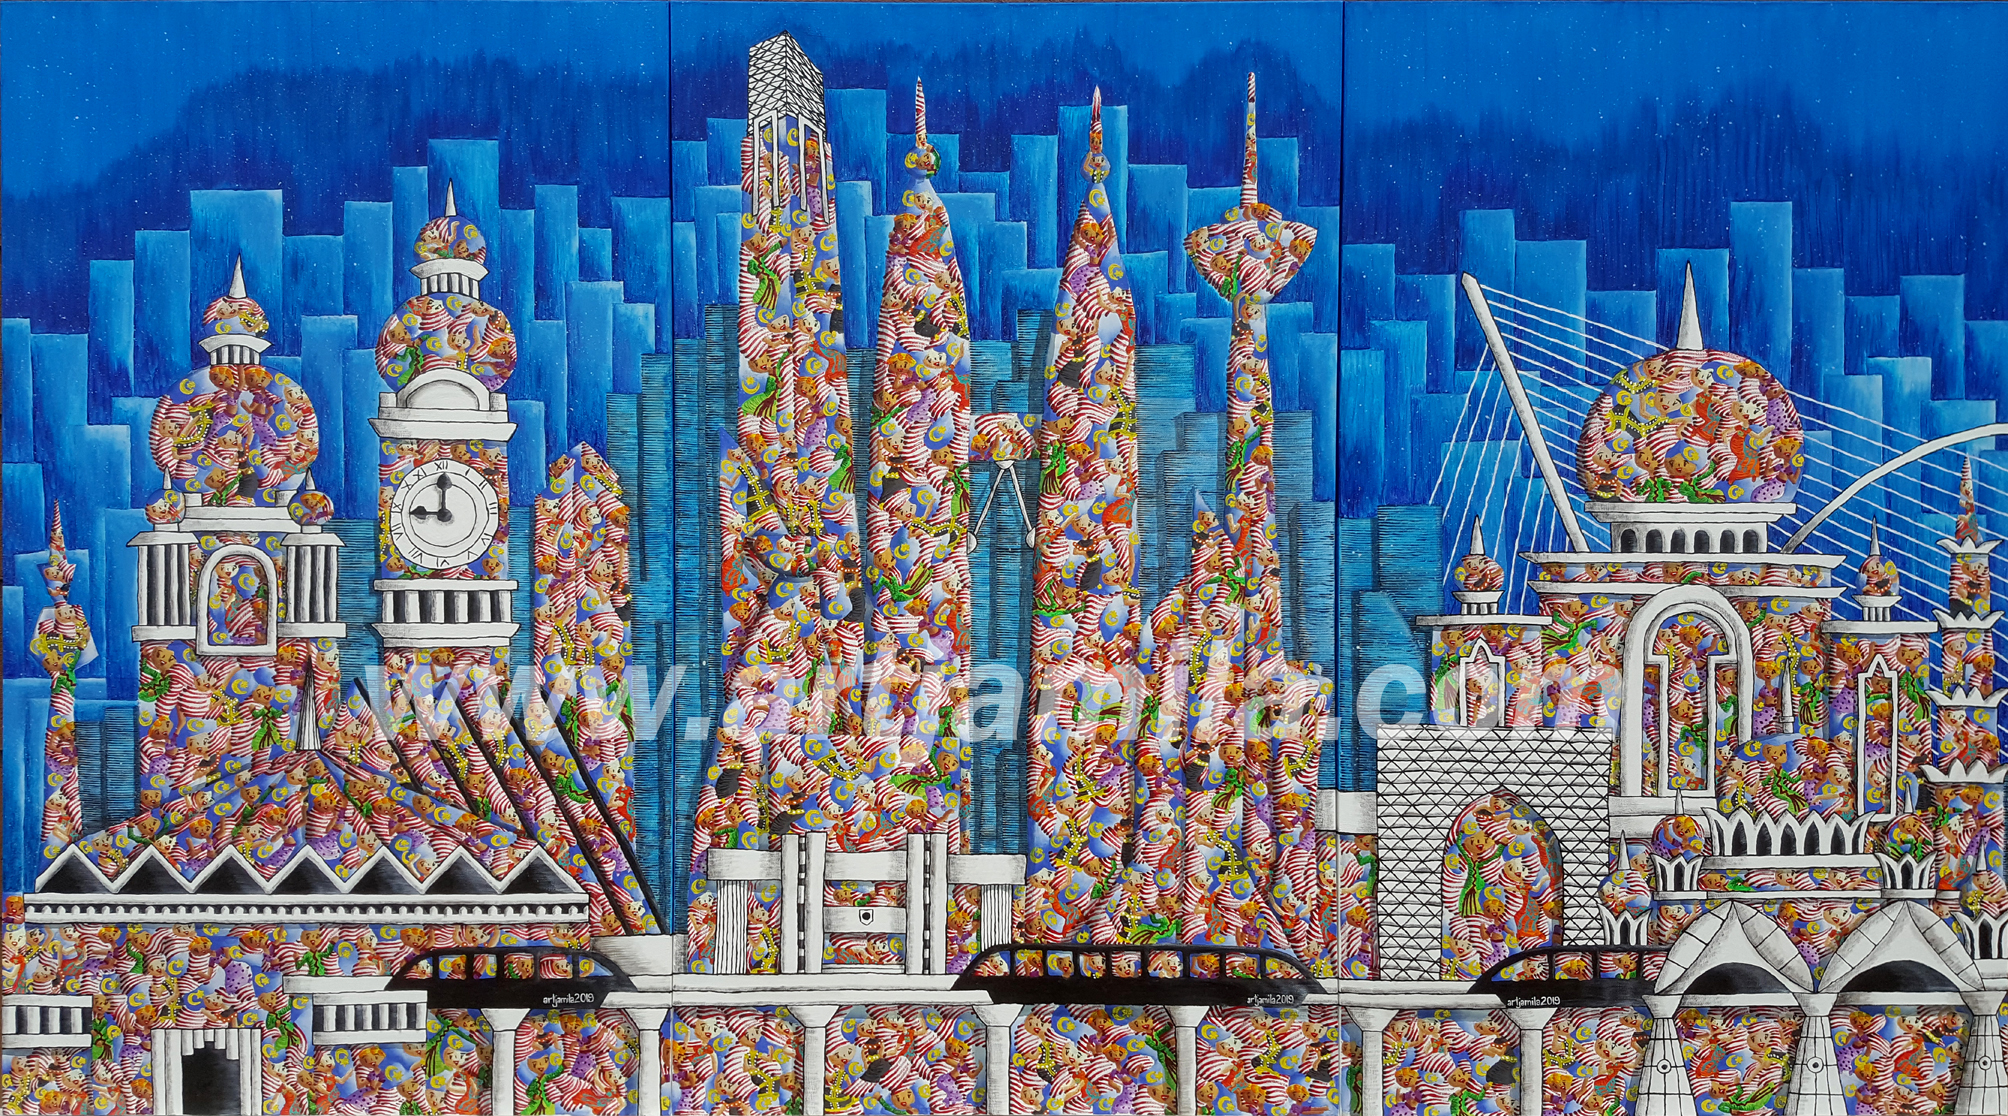 UID Skyline 4ABC. Watermark